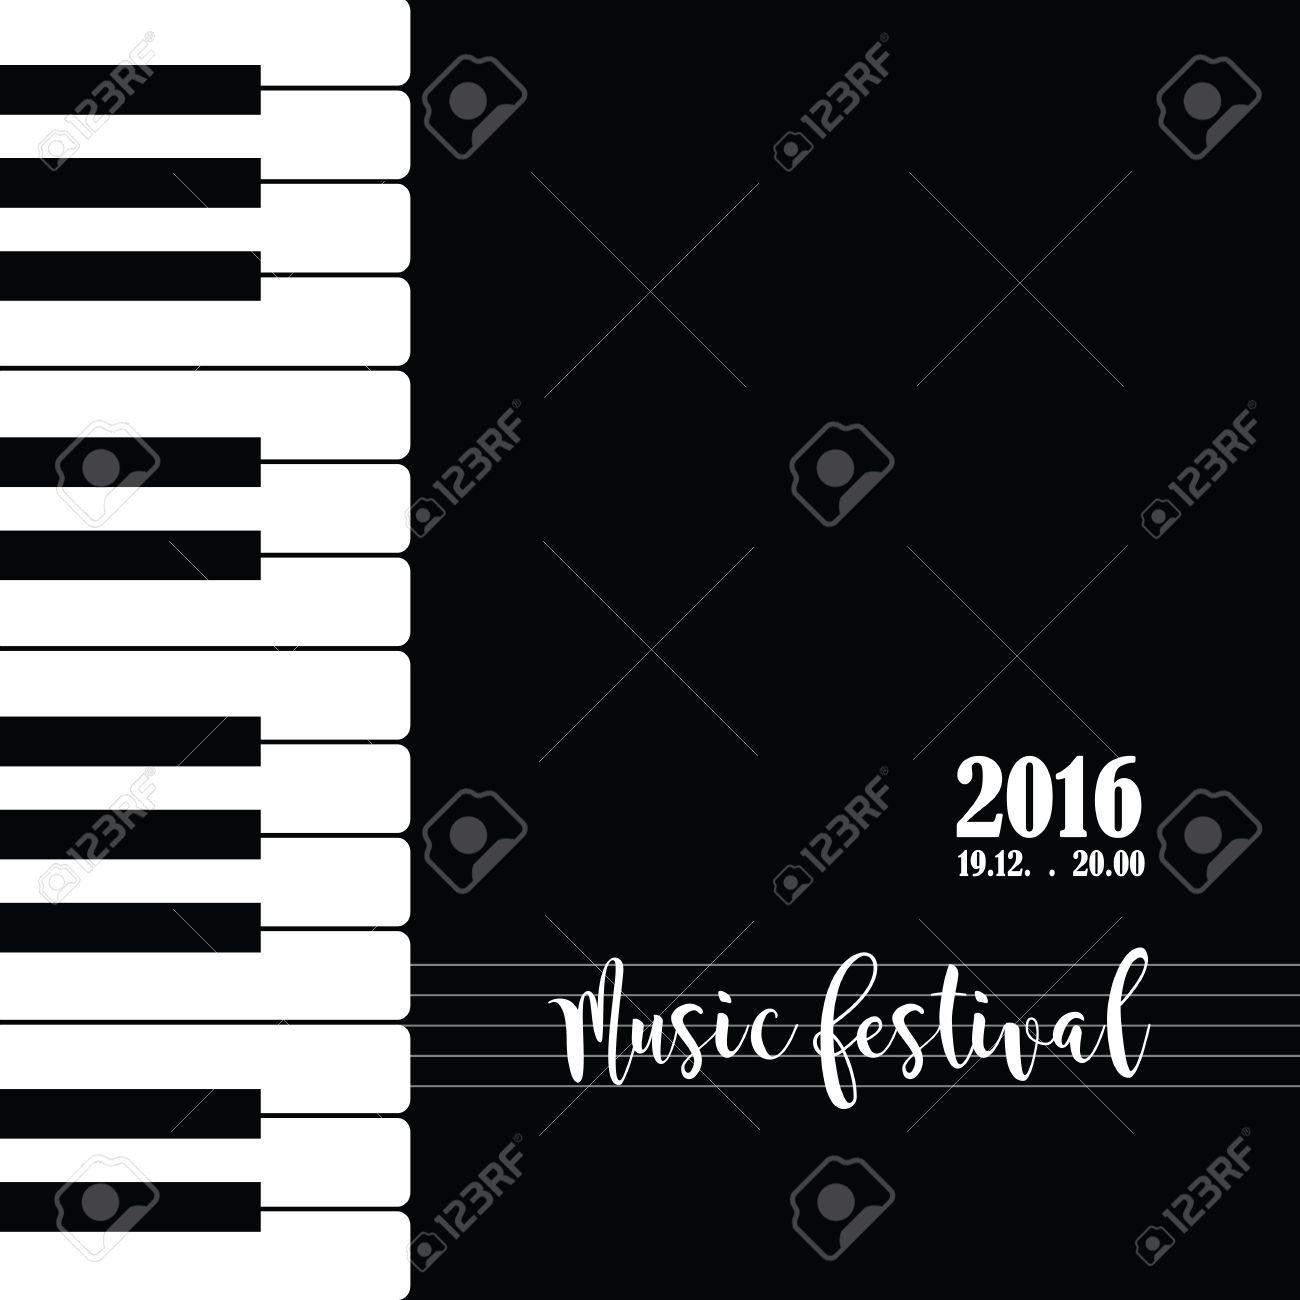 Música De Piano Plantilla De Cartel Del Festival. Fondo Con Las ...